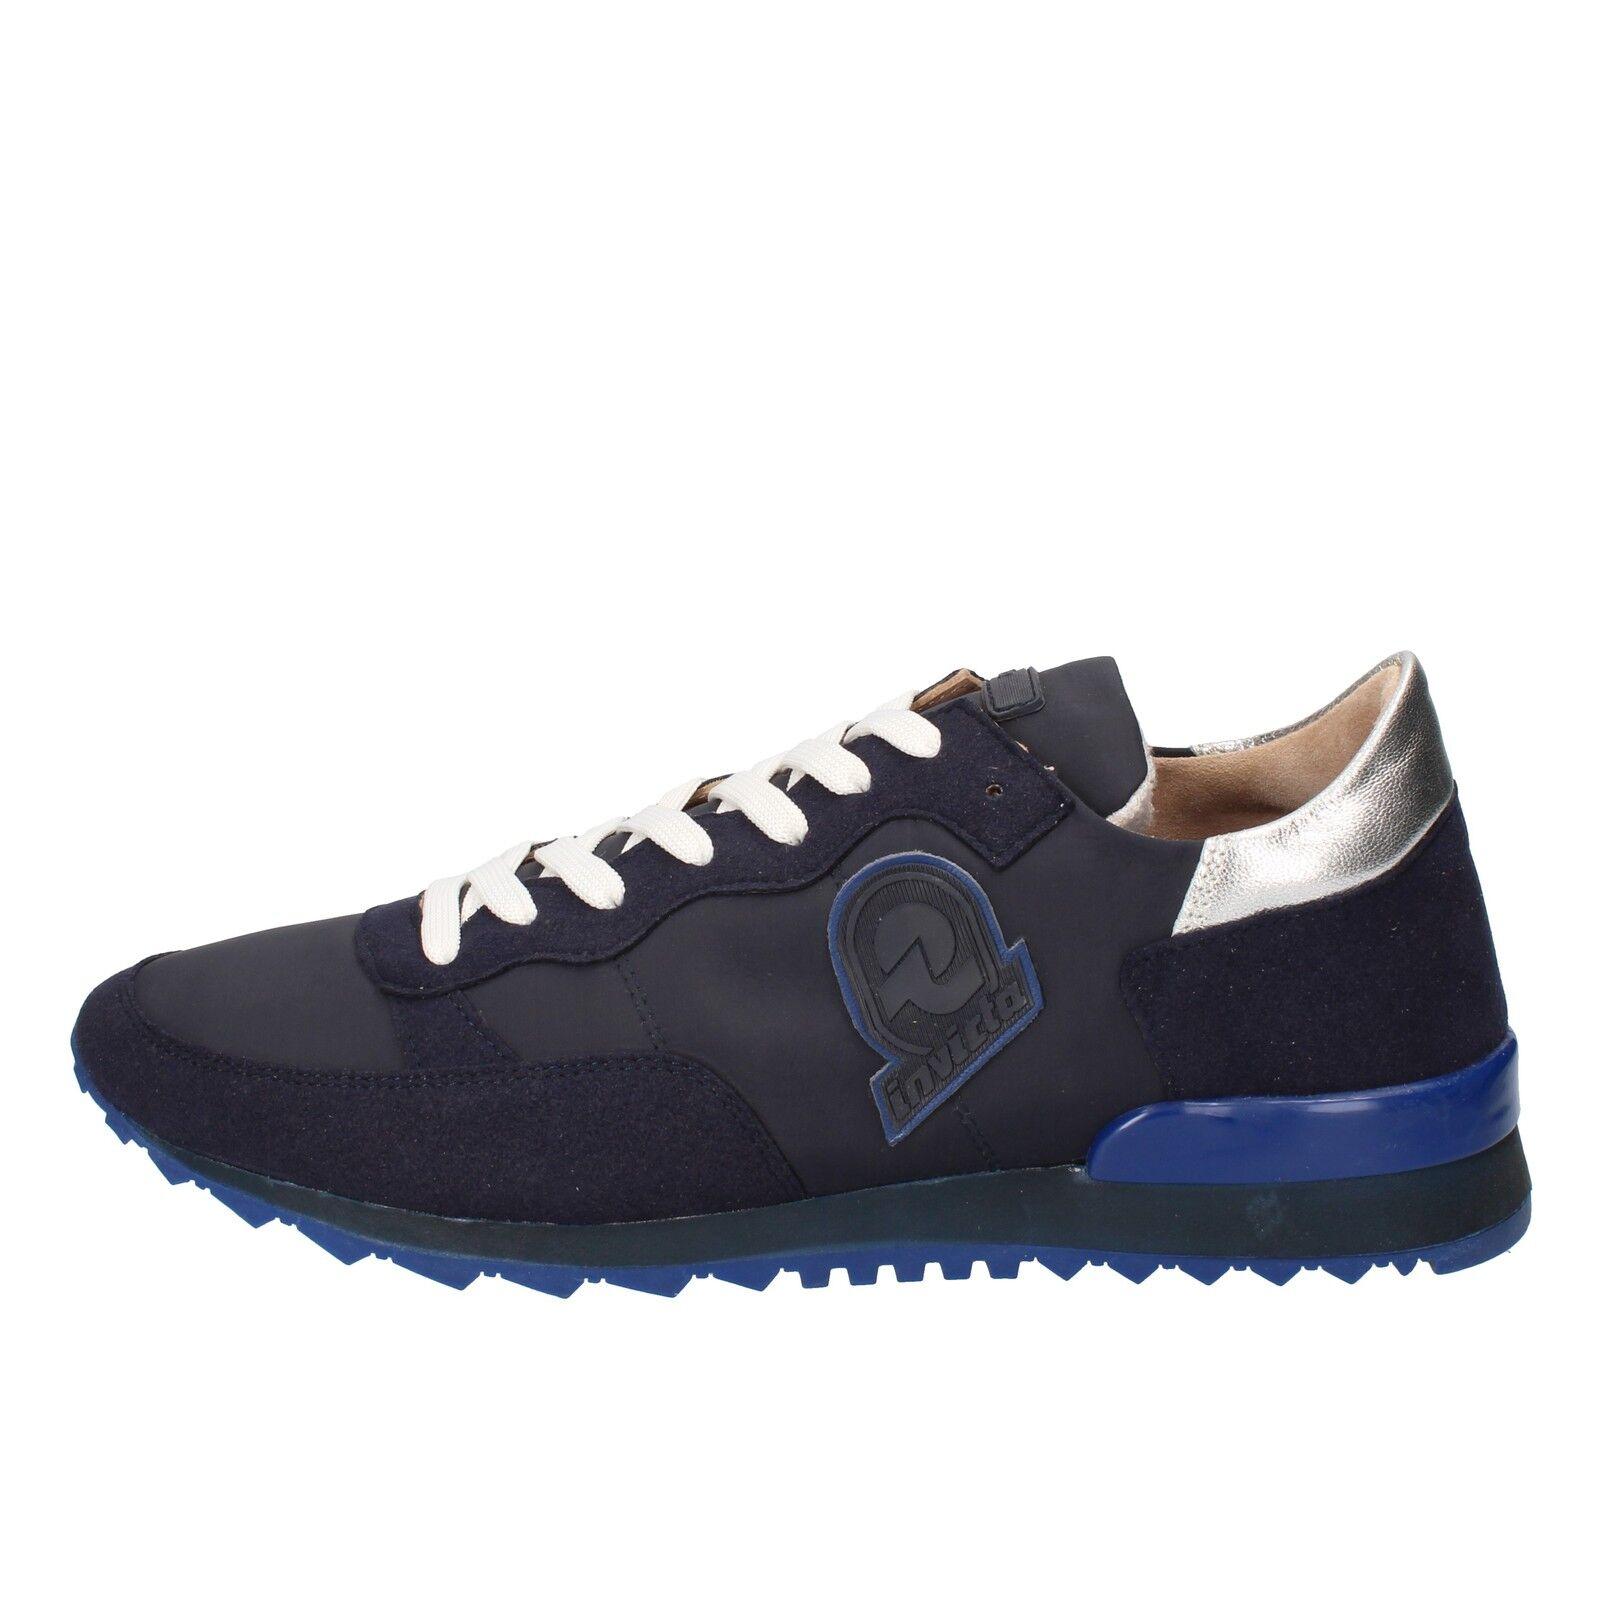 Herren schuhe INVICTA 43 EU sneakers dunkelblau wildleder textil AB66-E